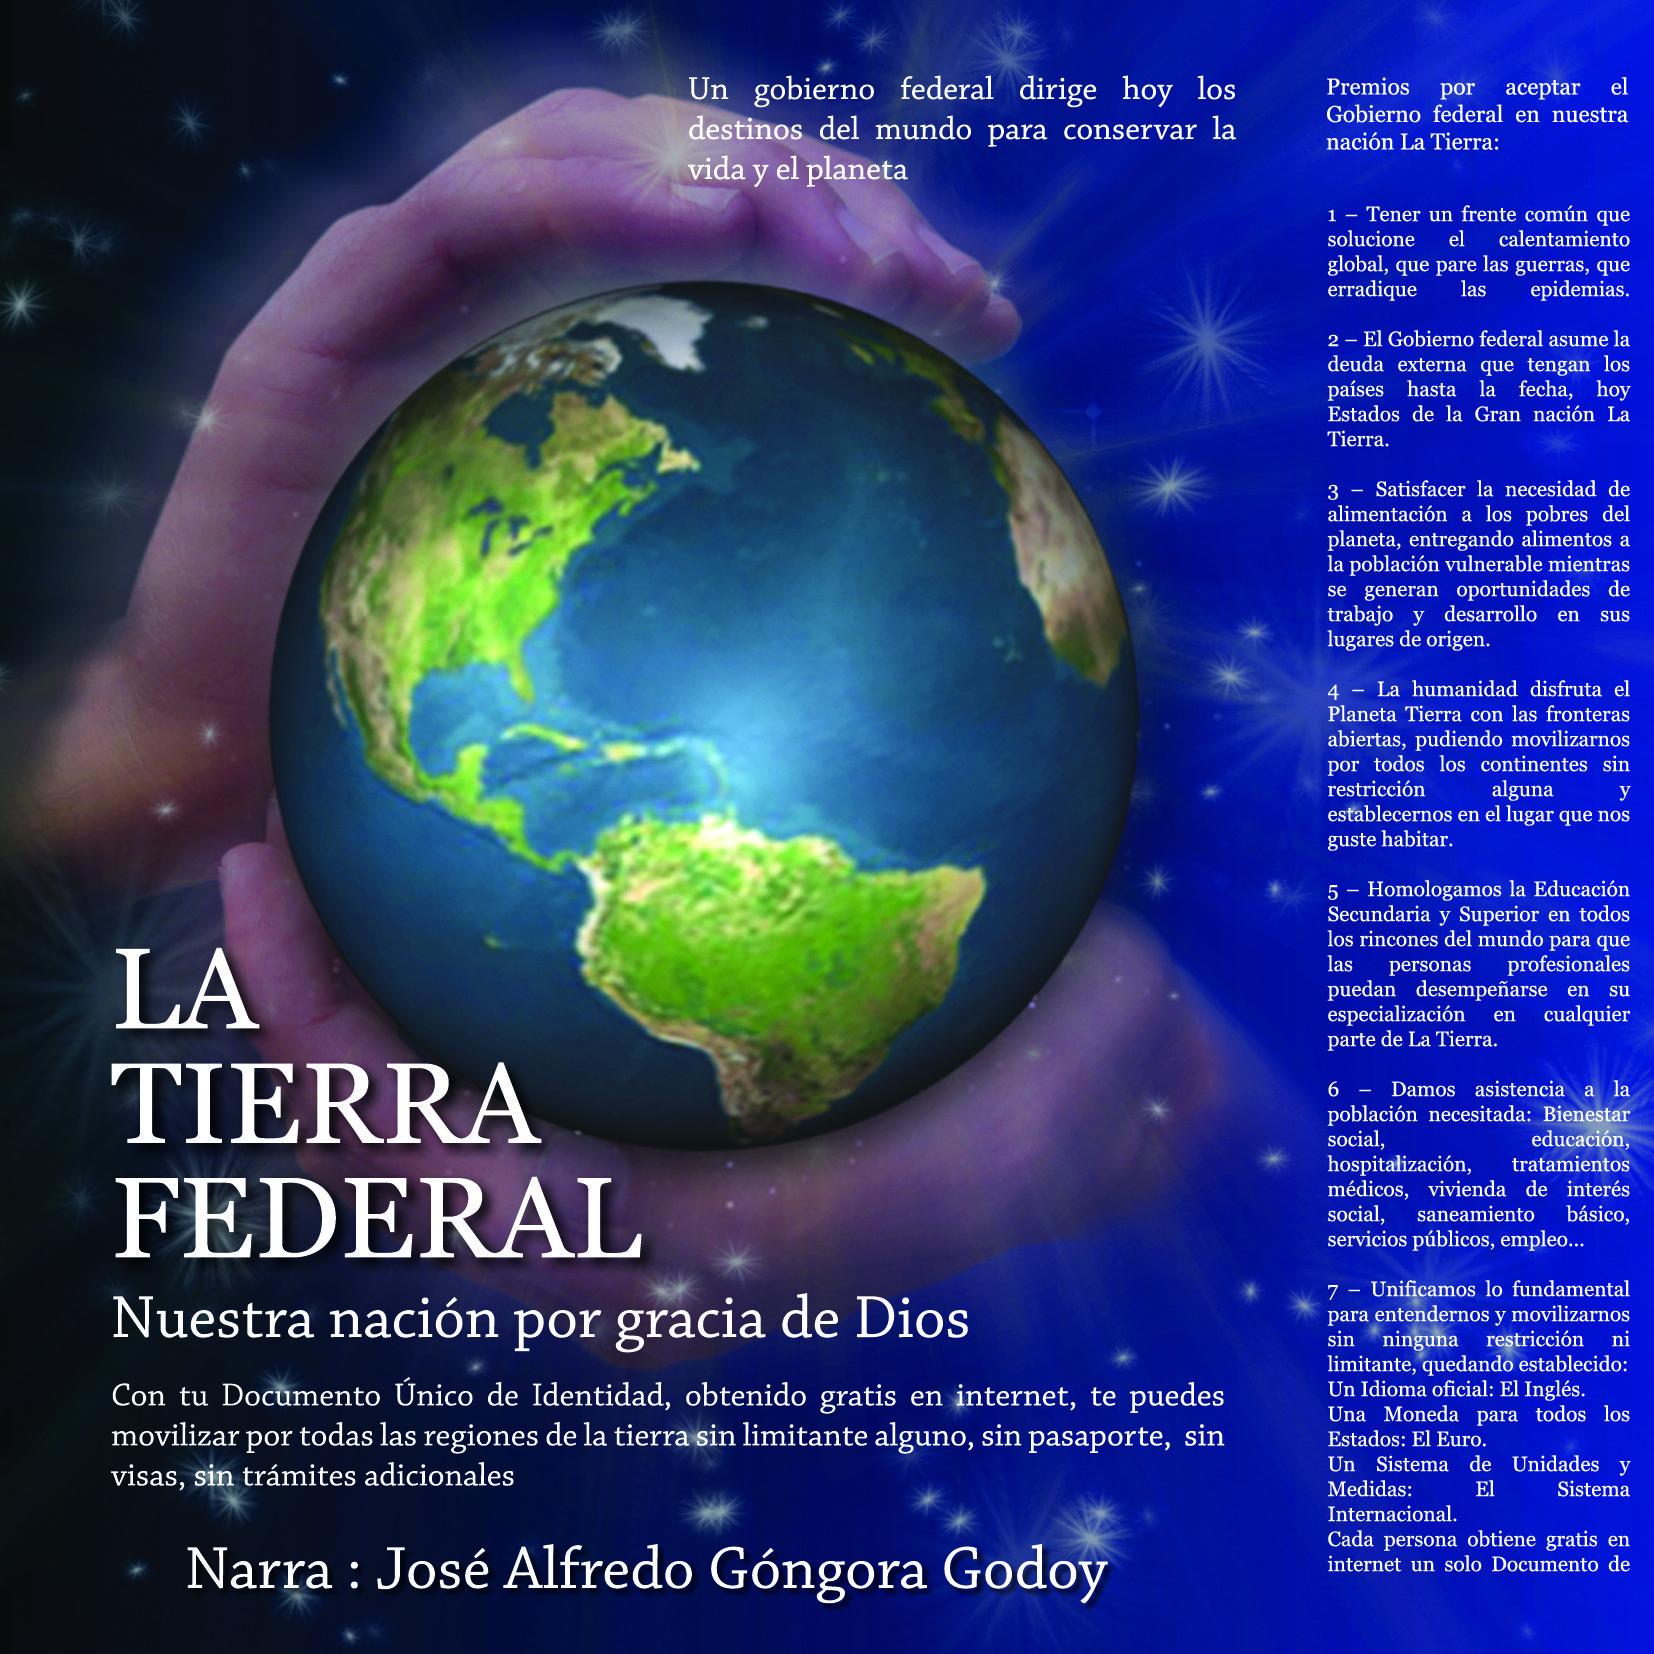 La Tierra es nuestra nación, estamos de paso por este mundo.